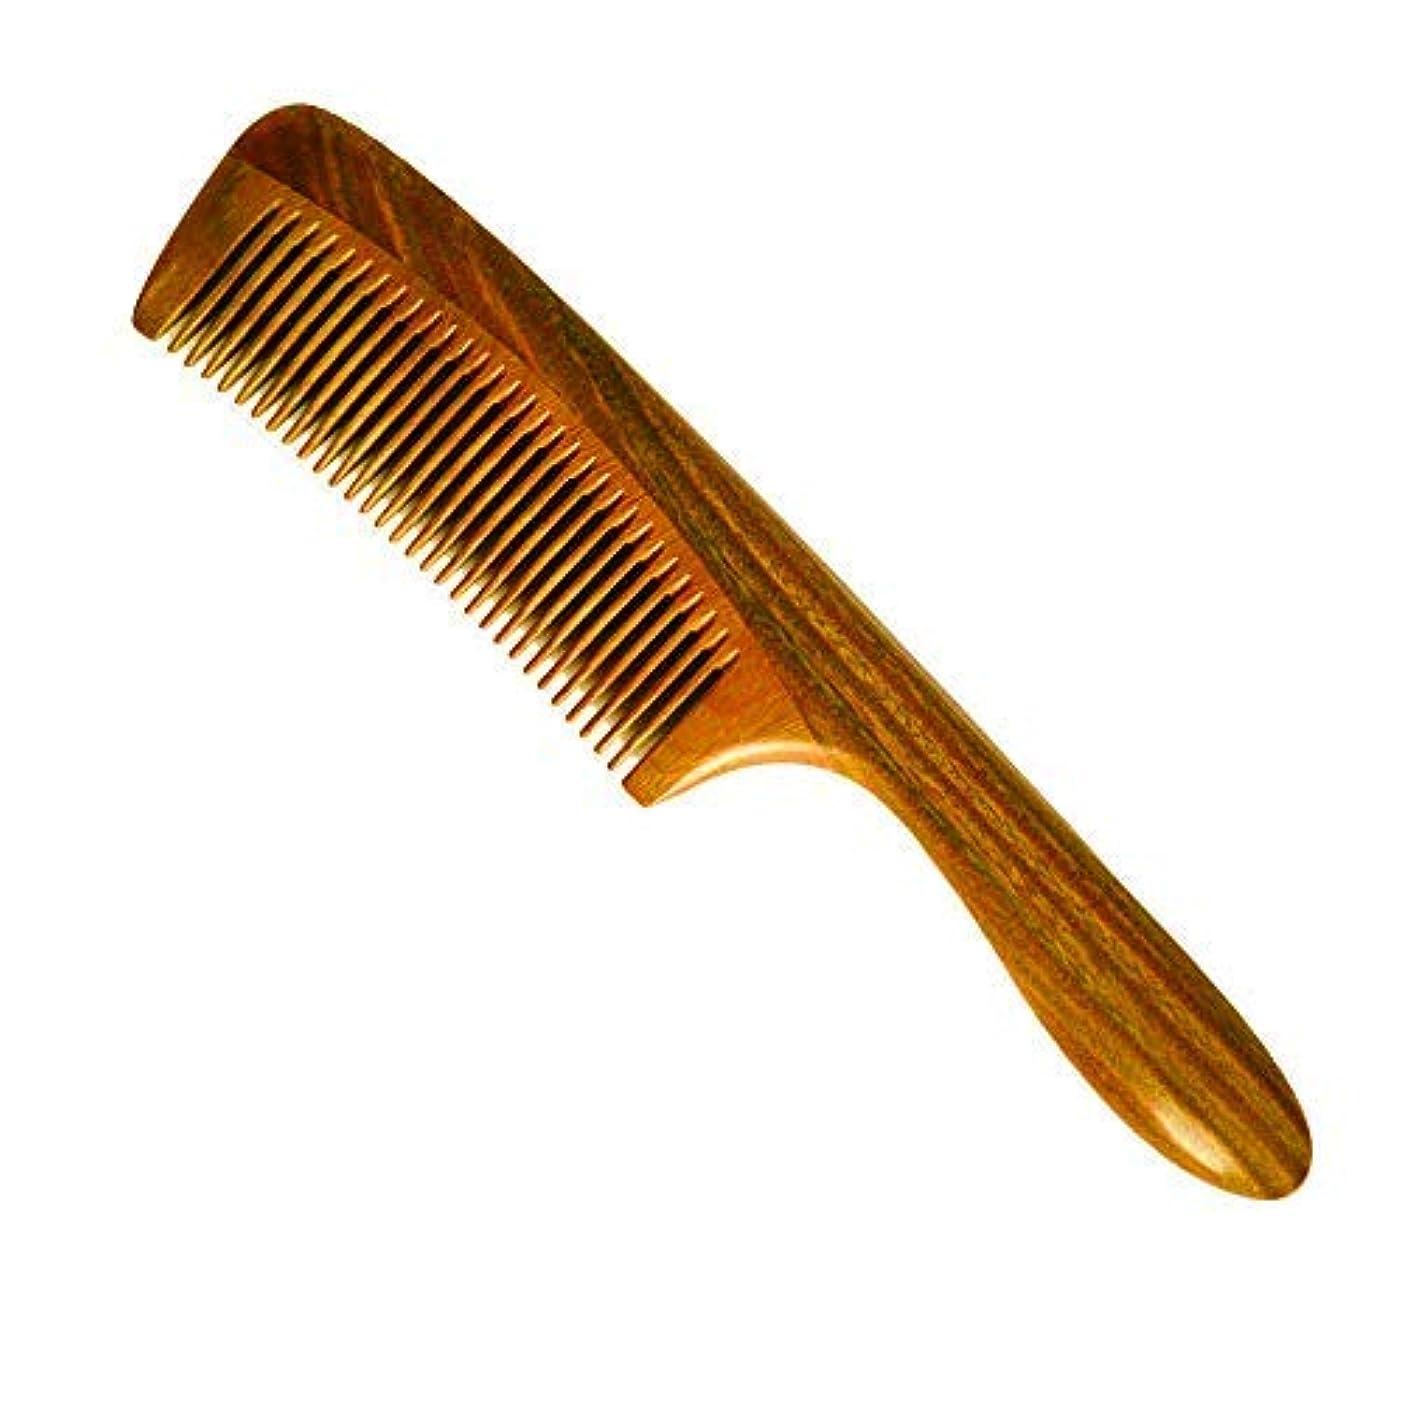 できない大胆修羅場Hair Comb, Wooden Comb Tooth And Fine Tooth Wood Comb,Green Sandalwood, Women and Men Hair Combs (MR04) [並行輸入品]